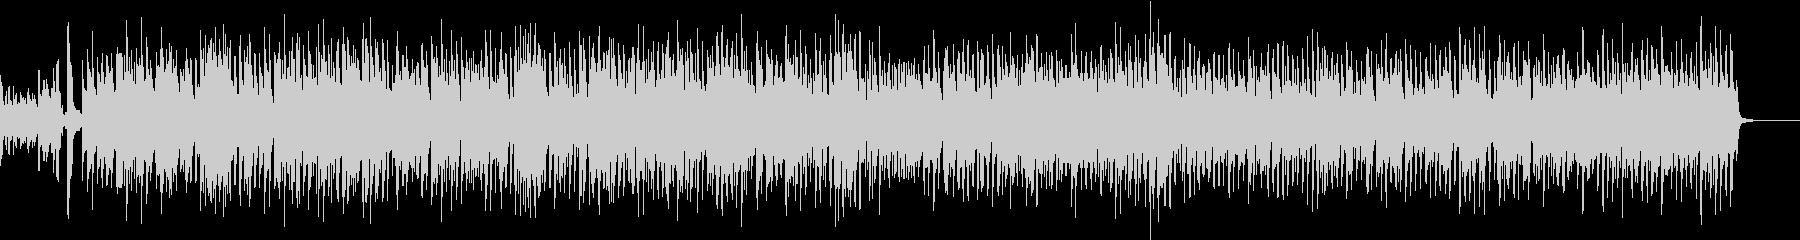 ジ・エンターテイナー/ジャズバンドの未再生の波形